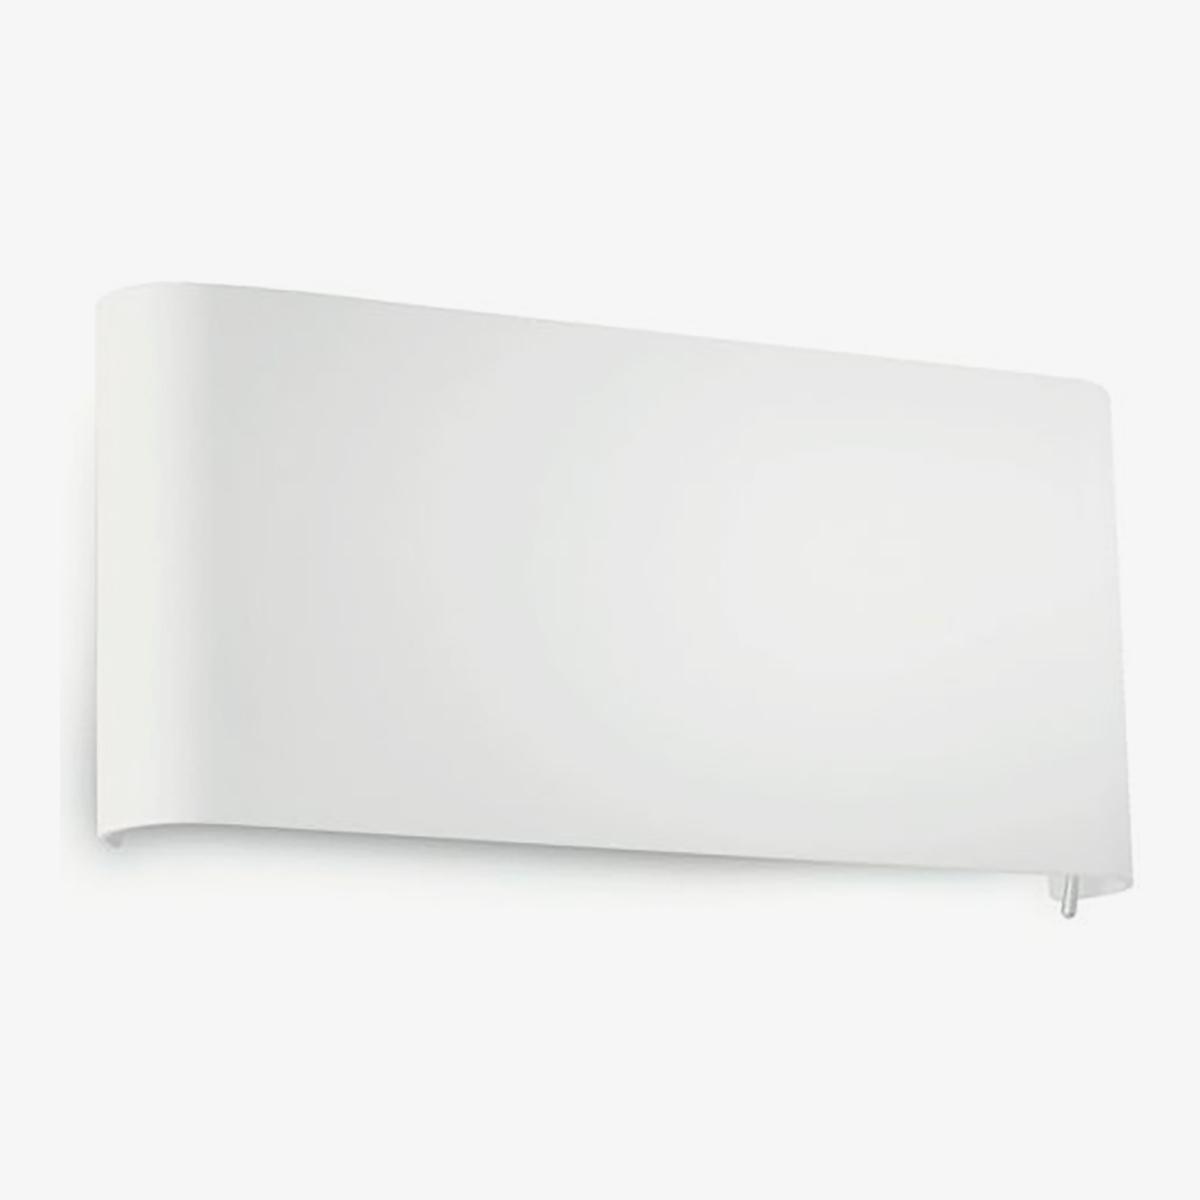 Aplique de pared Galax blanco Philips-0